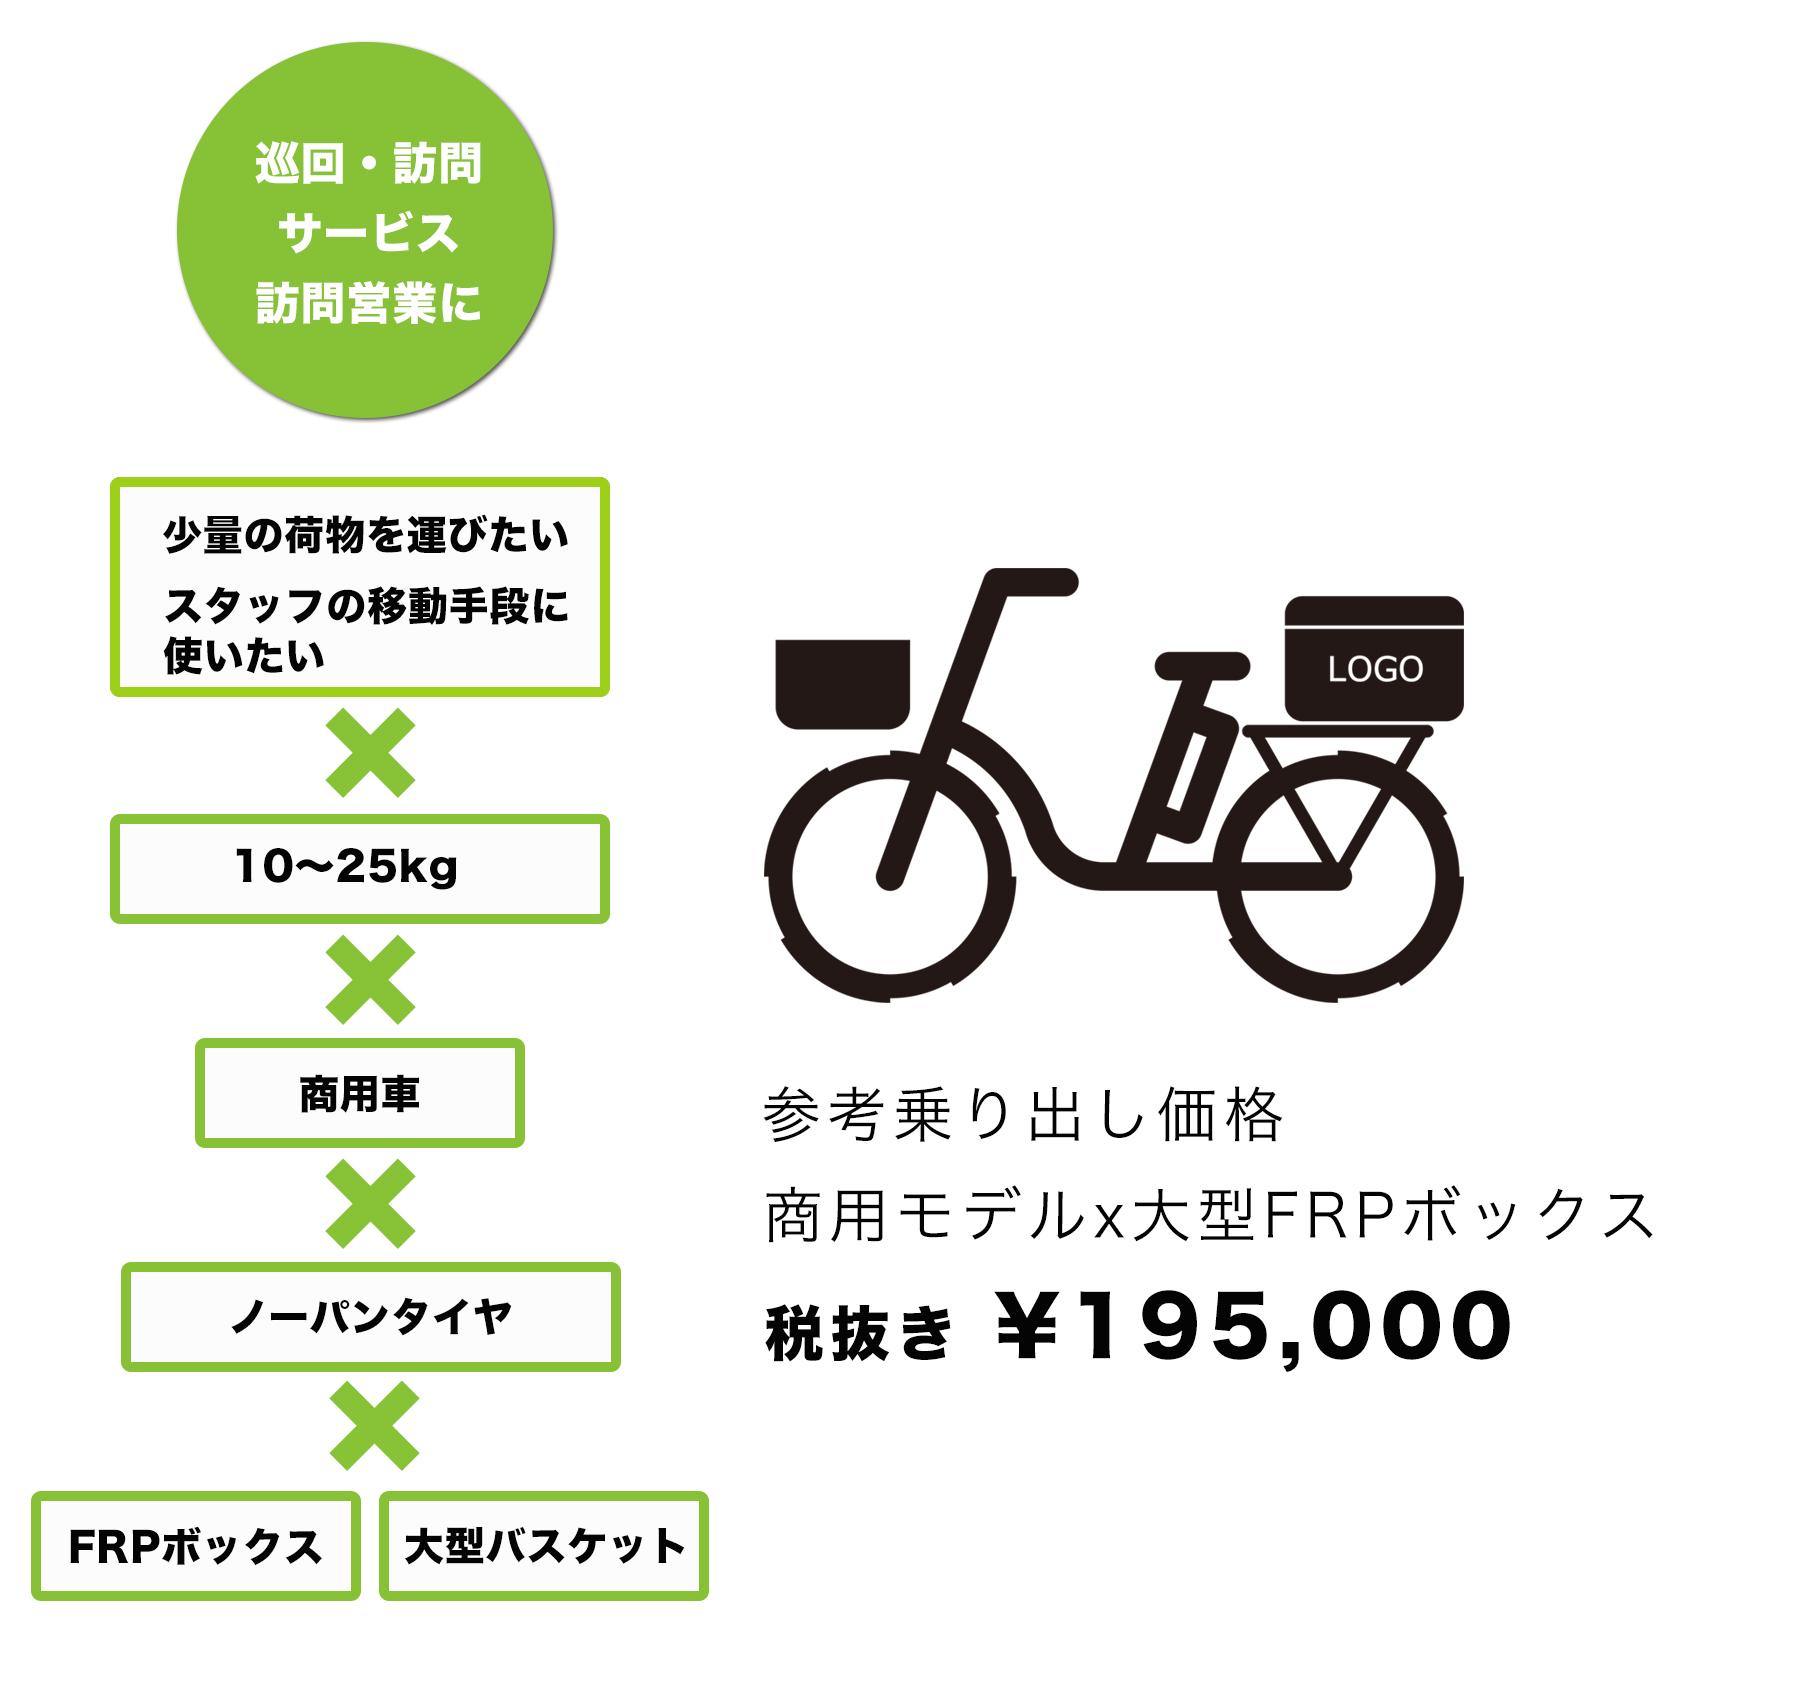 巡回・訪問サービス 訪問営業に 参考乗り出し価格195000円 電動アシスト自転車専門店オギヤマサイクル